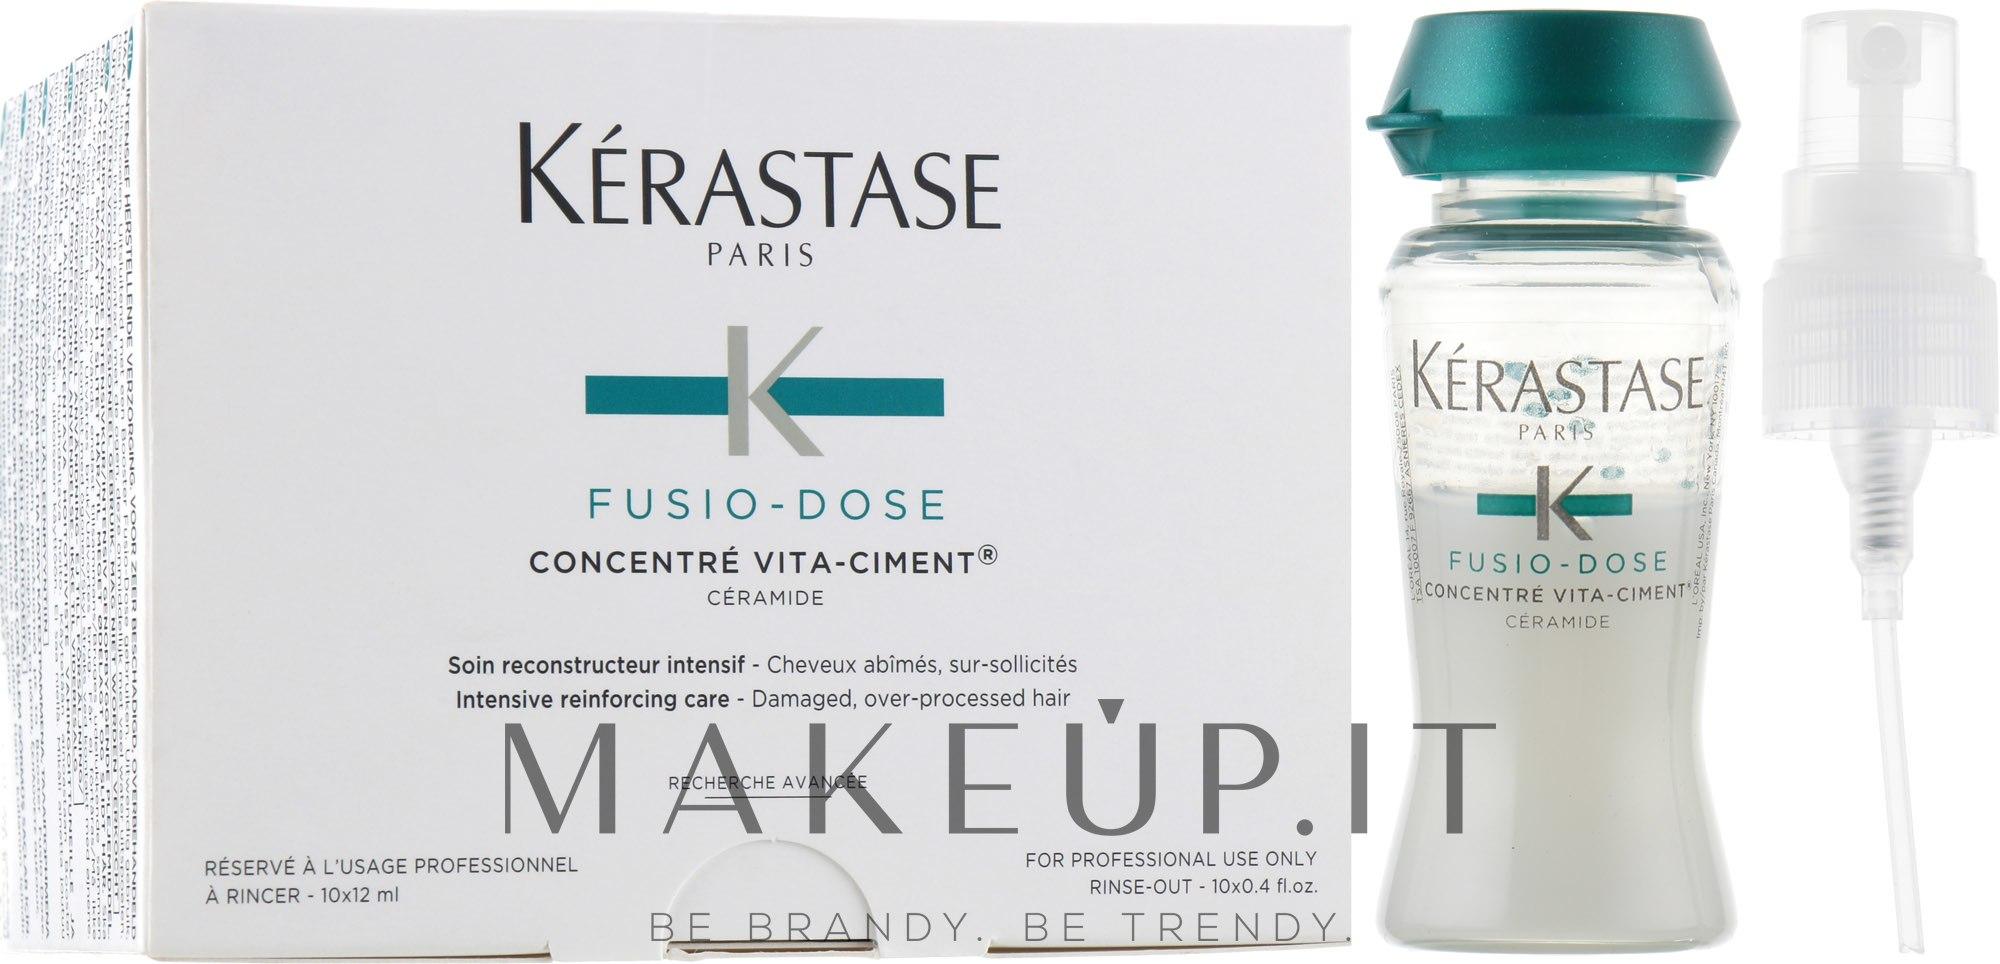 Concentrato per il ripristino dei capelli - Kerastase Fusio Dose Concentre Vita-Ciment  — foto 10x12 ml